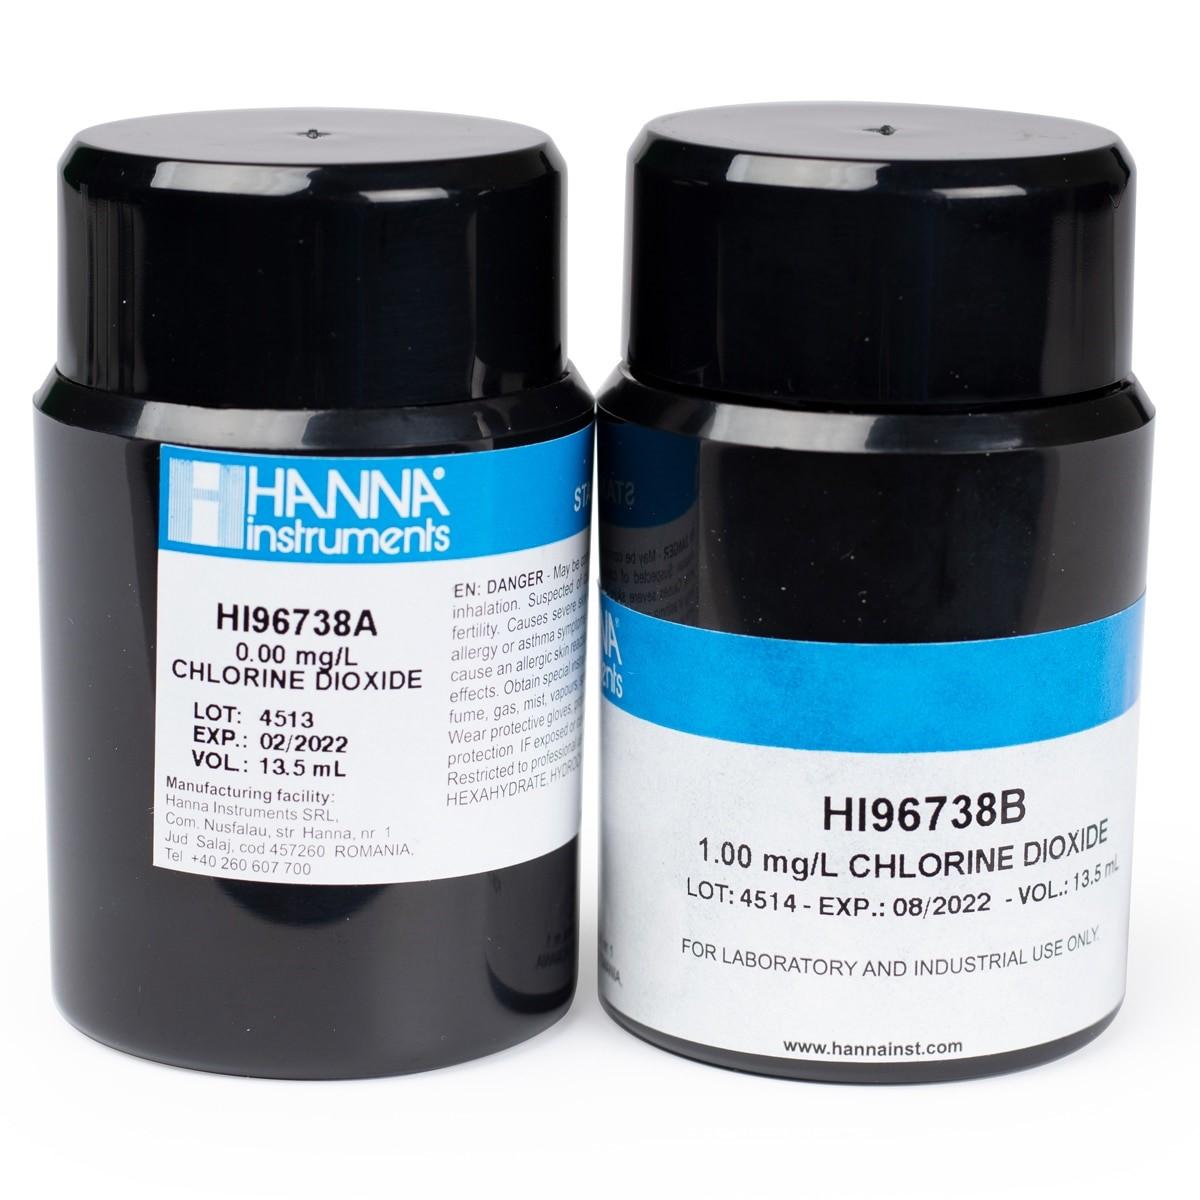 Estándares CAL Check™ para Dioxido de Cloro - HI96738-11